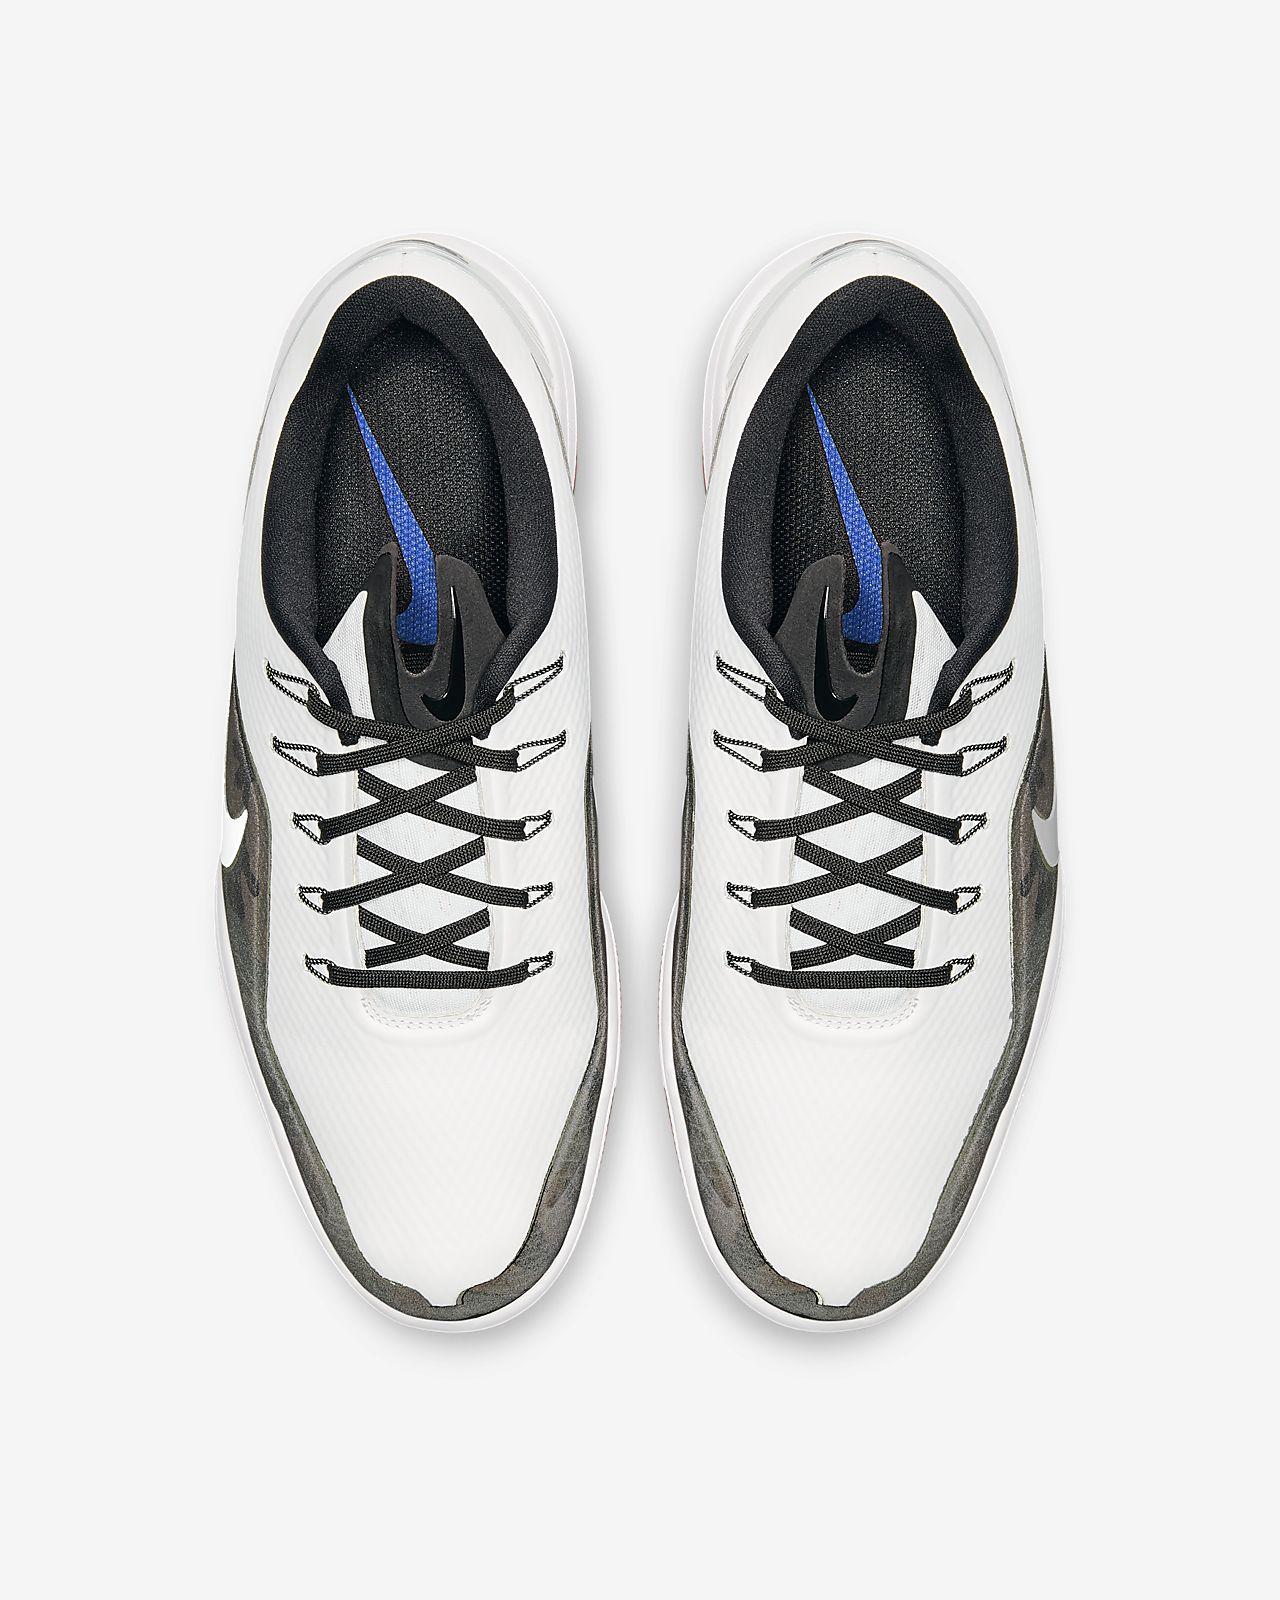 37d331d5d674 Nike React Vapor 2 NRG Men s Golf Shoe. Nike.com GB